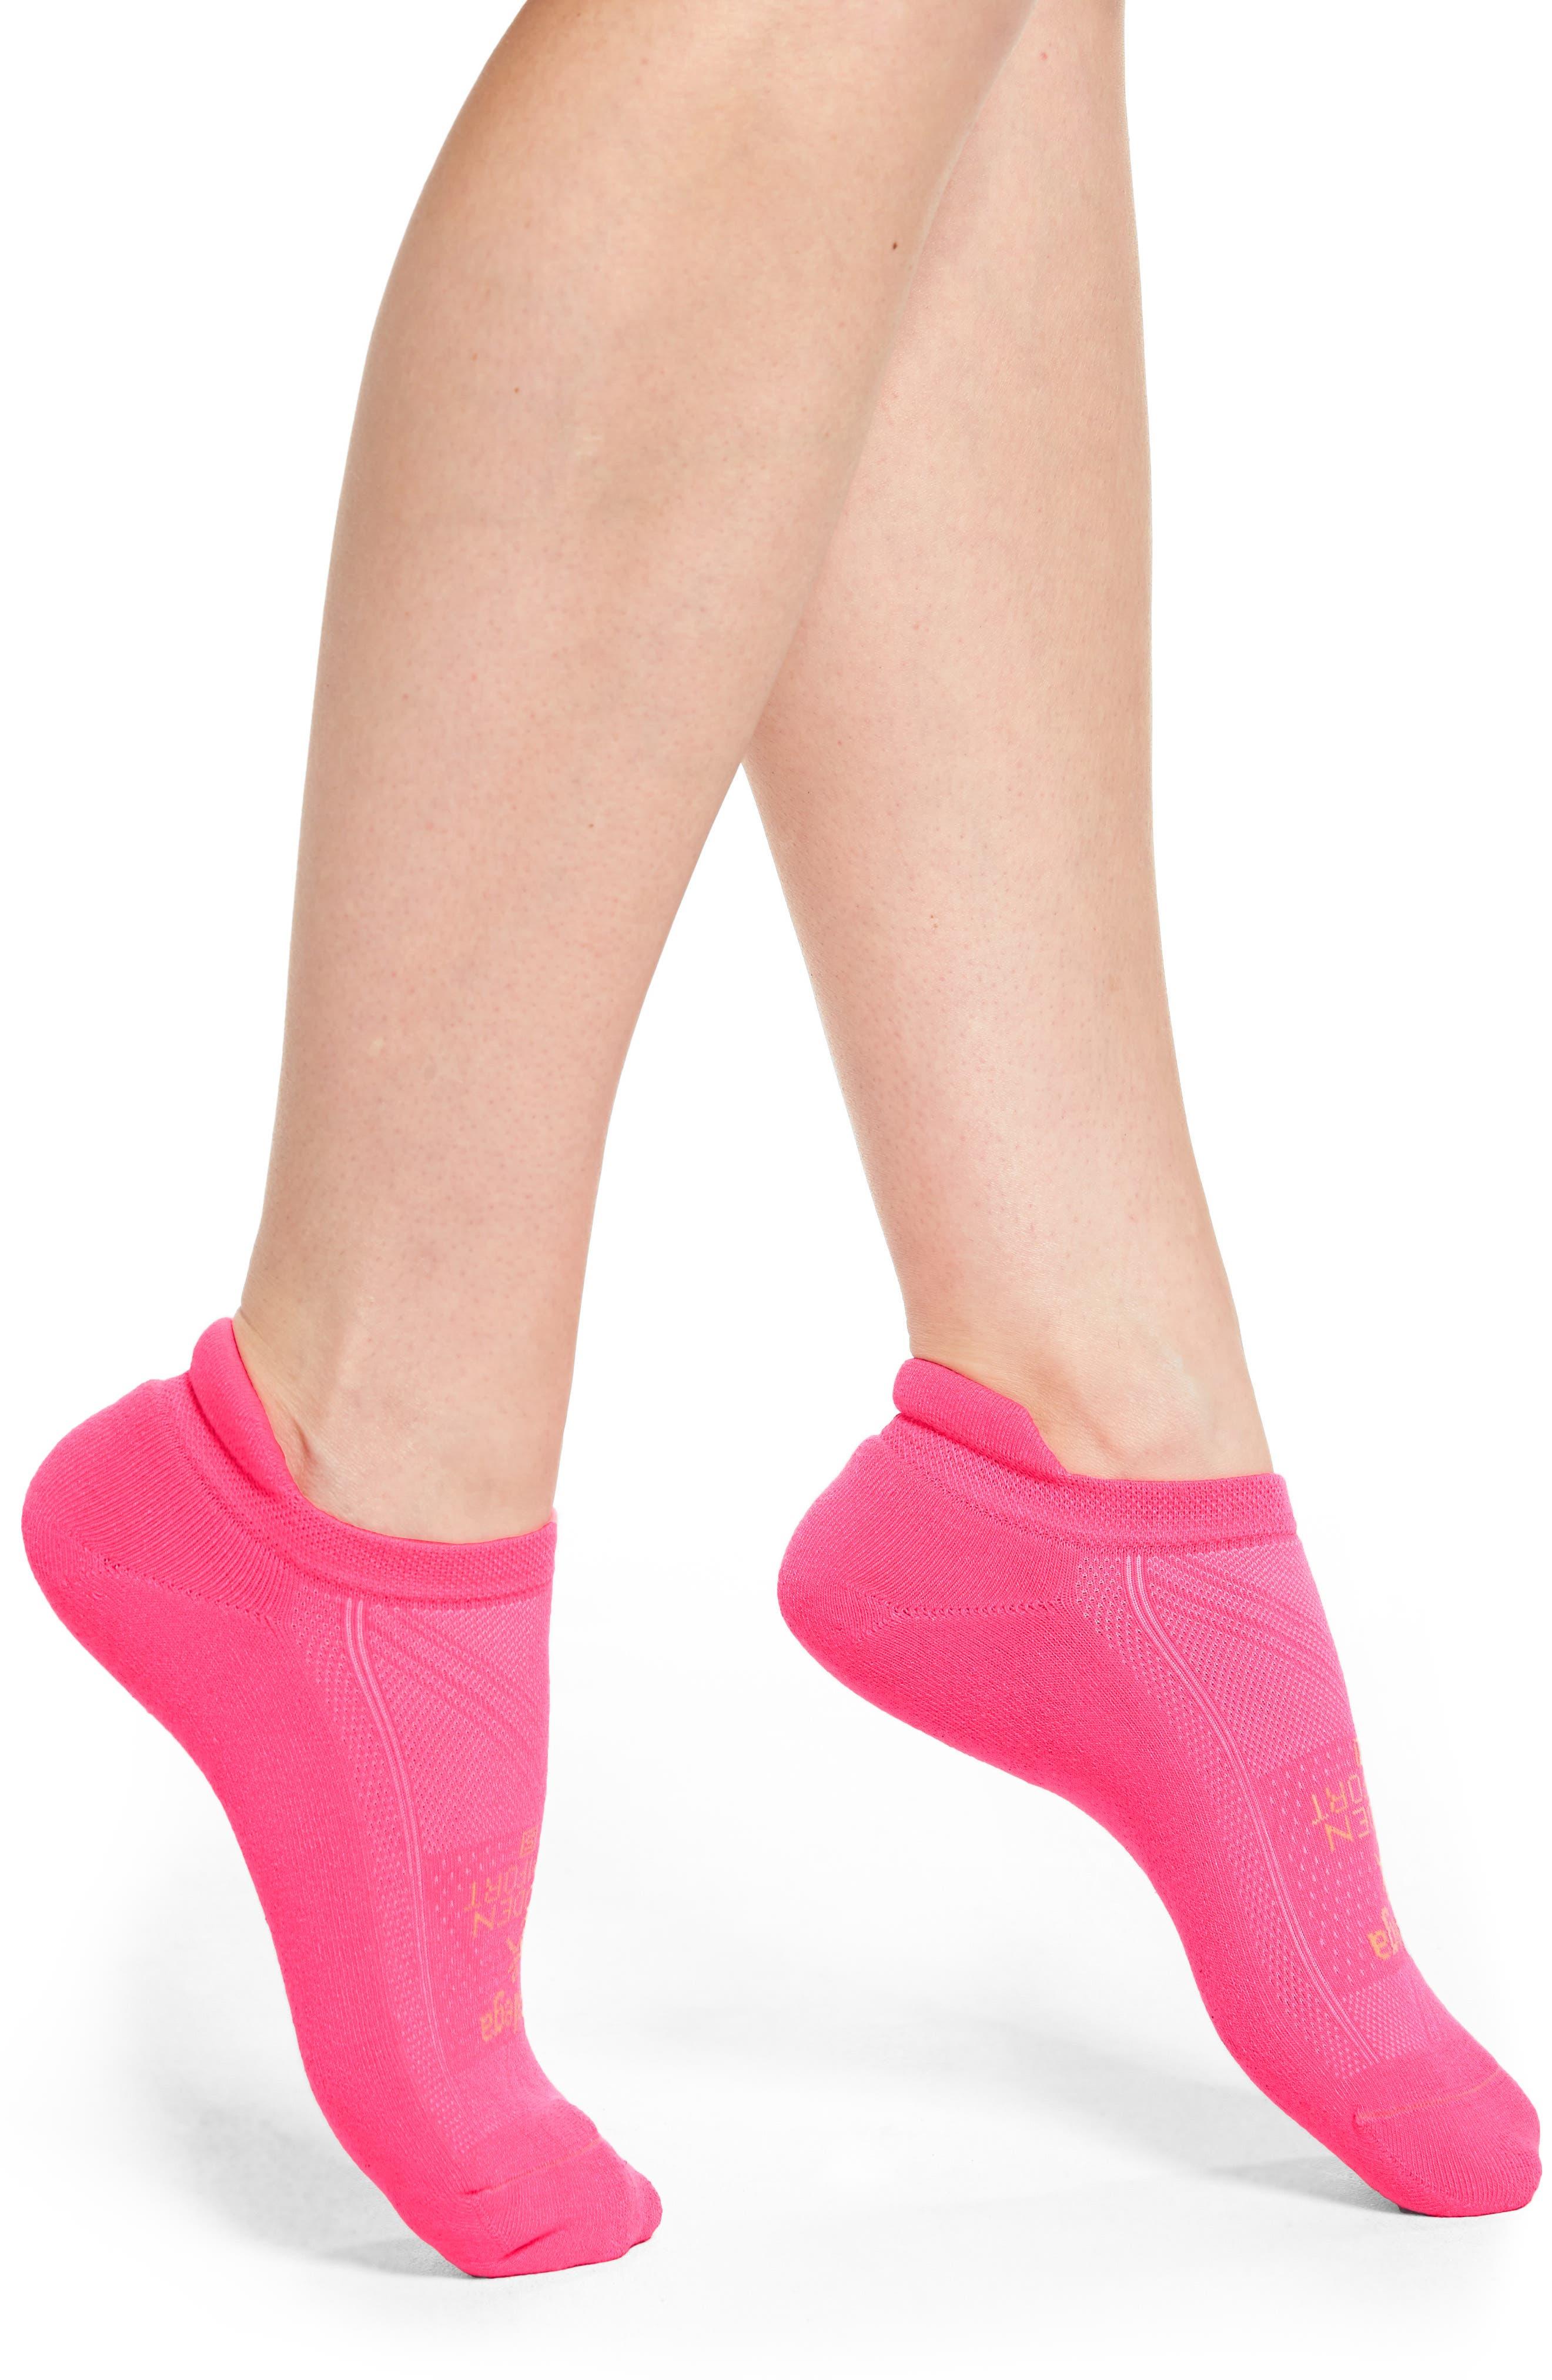 Balega Hidden Comfort No-Show Running Socks